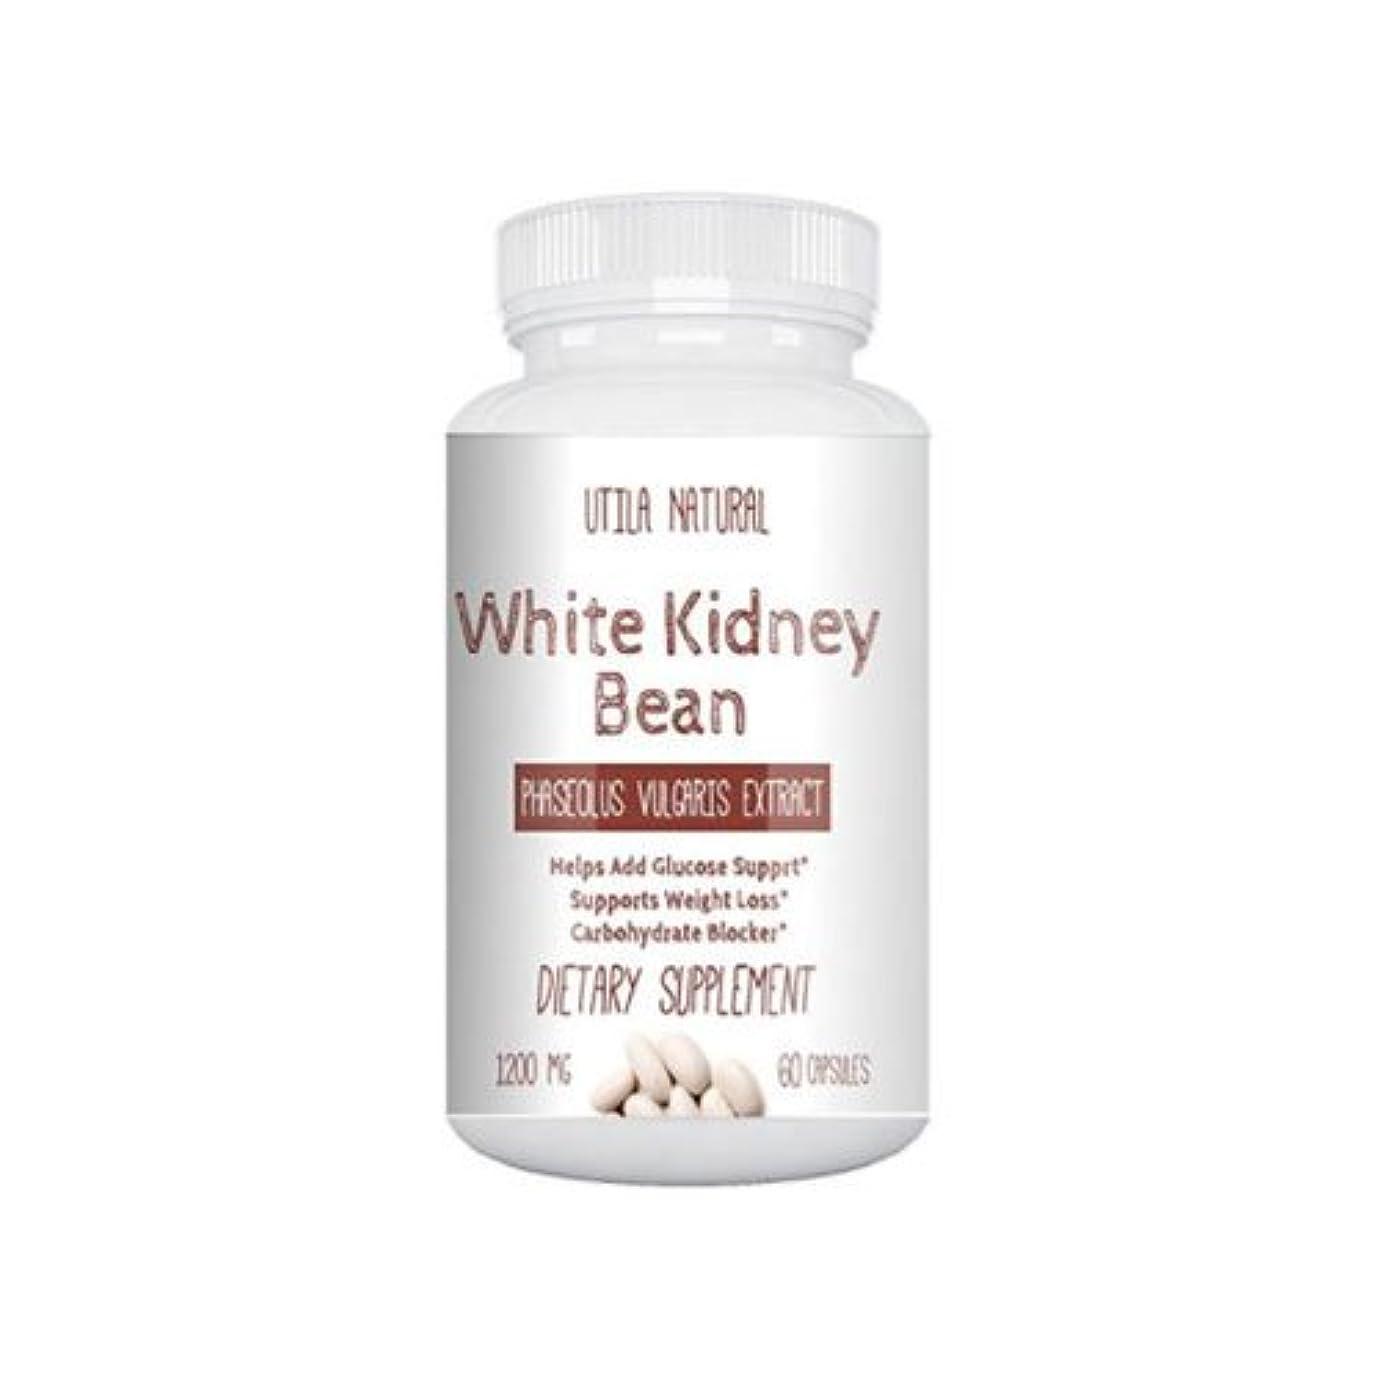 鮮やかな意識発表白いんげん豆サプリ ホワイトキドニービーン抽出液 600mg 60ベジタブルカプセル White Kidney Bean [並行輸入品]